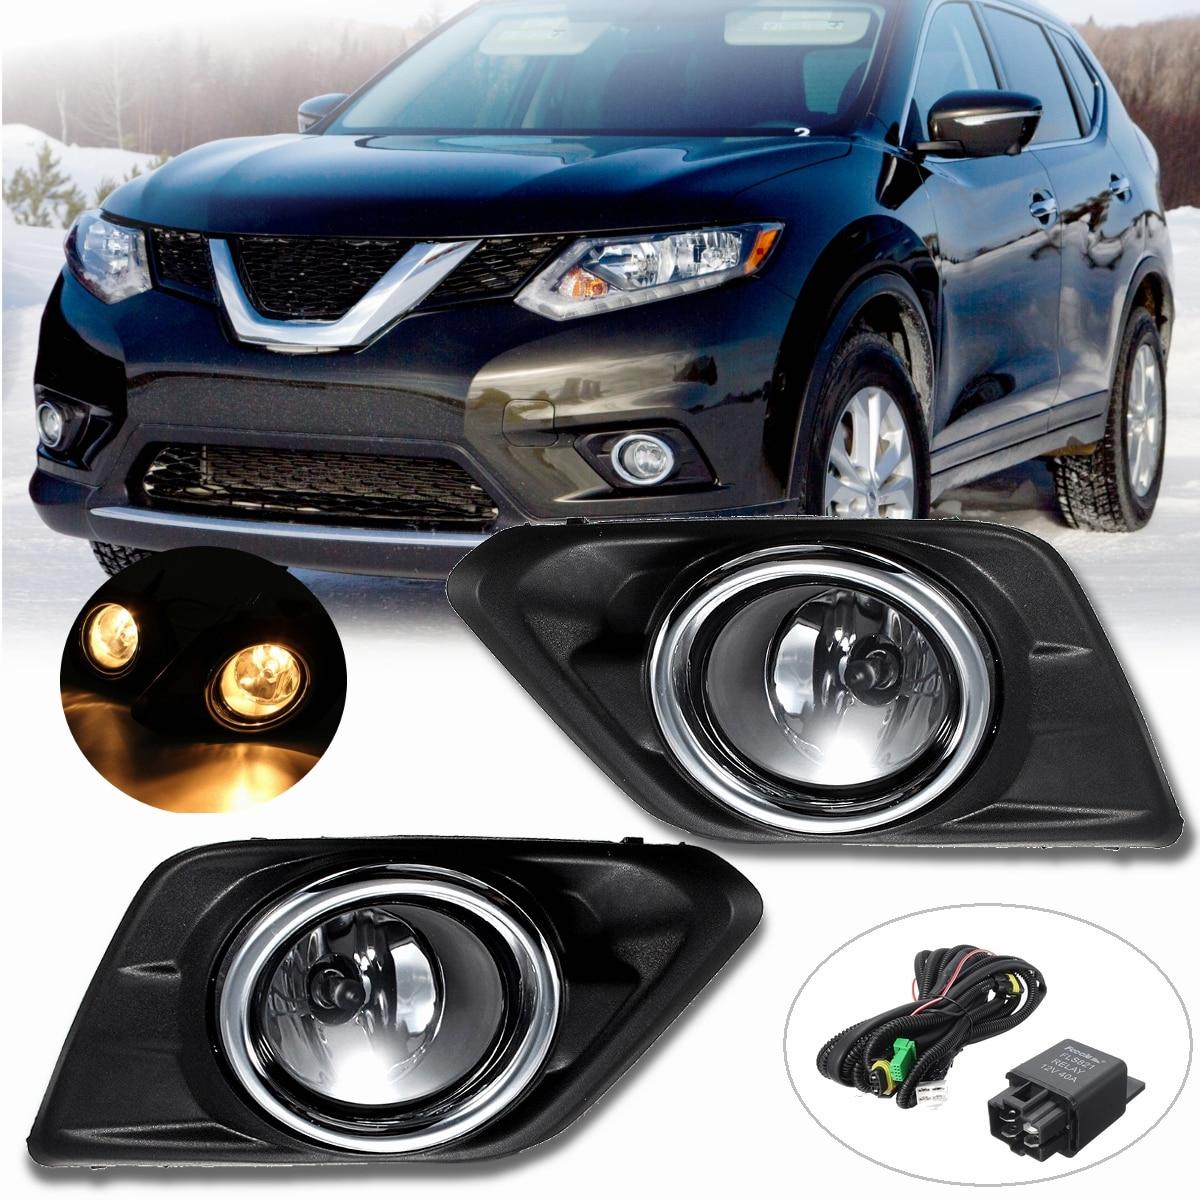 1 paire Chrome Objectif Clair De Voiture Brouillard Lumière Lampe Pour Nissan Rogue SUV 2014 2015 2016 Avec Ampoules Commutateur Lunette kit de Remplacement